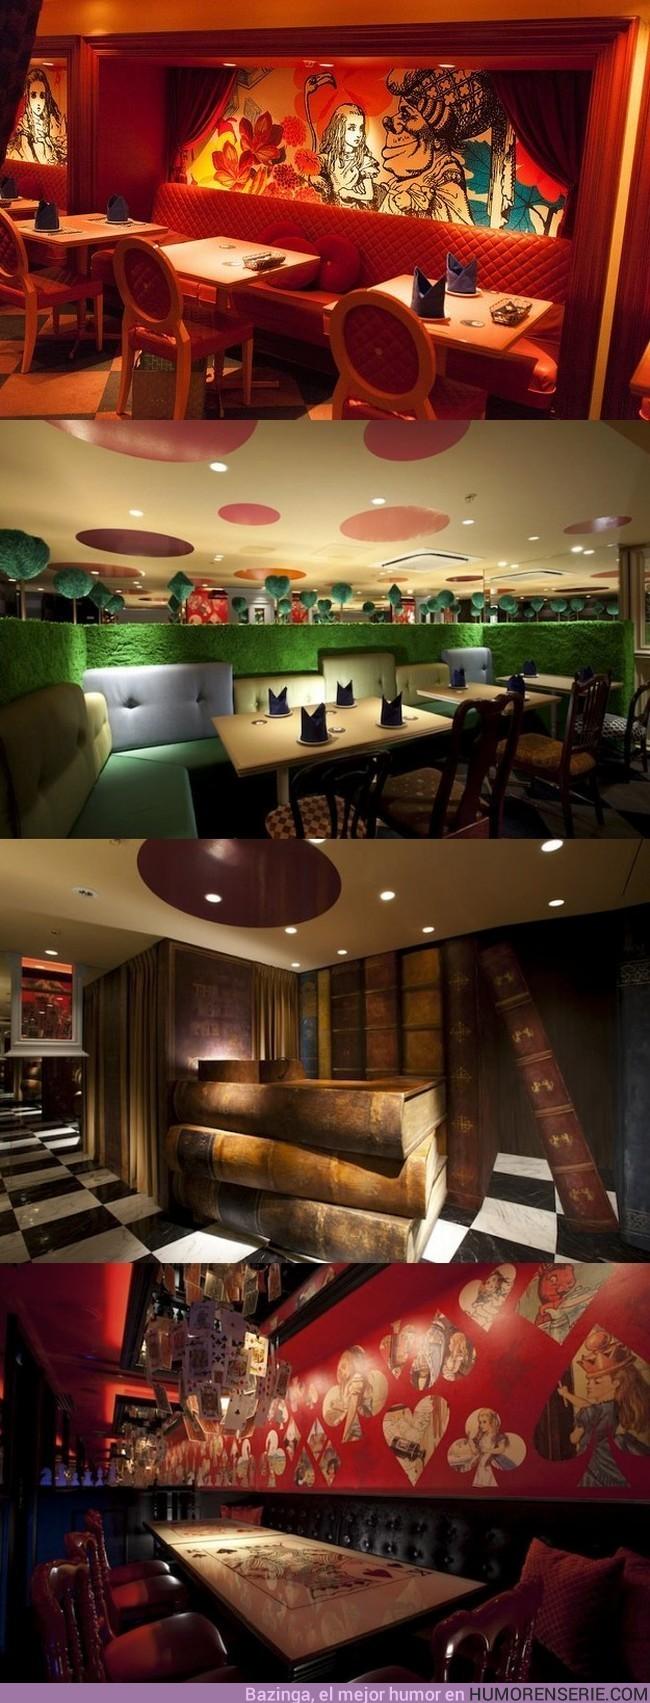 1755 - Restaurante de Tokyo dedicado a Alicia en el País de las Maravillas